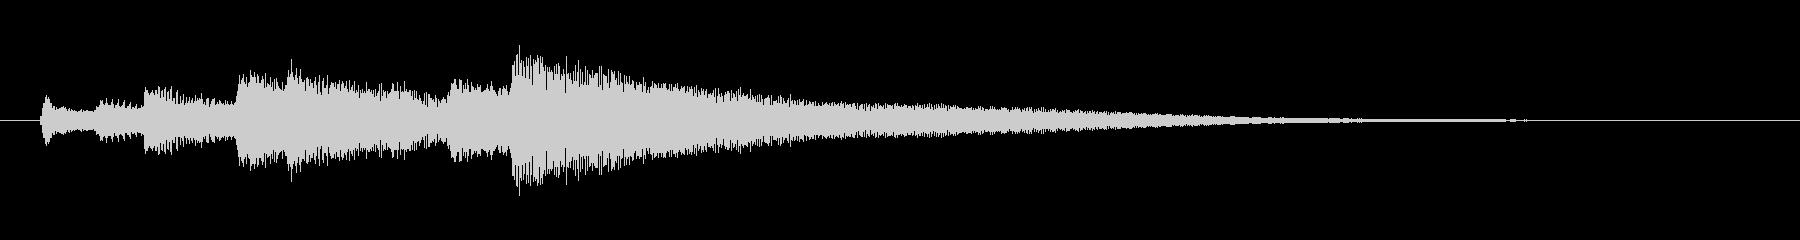 柔らかく爽やかなギターサウンドロゴ。の未再生の波形